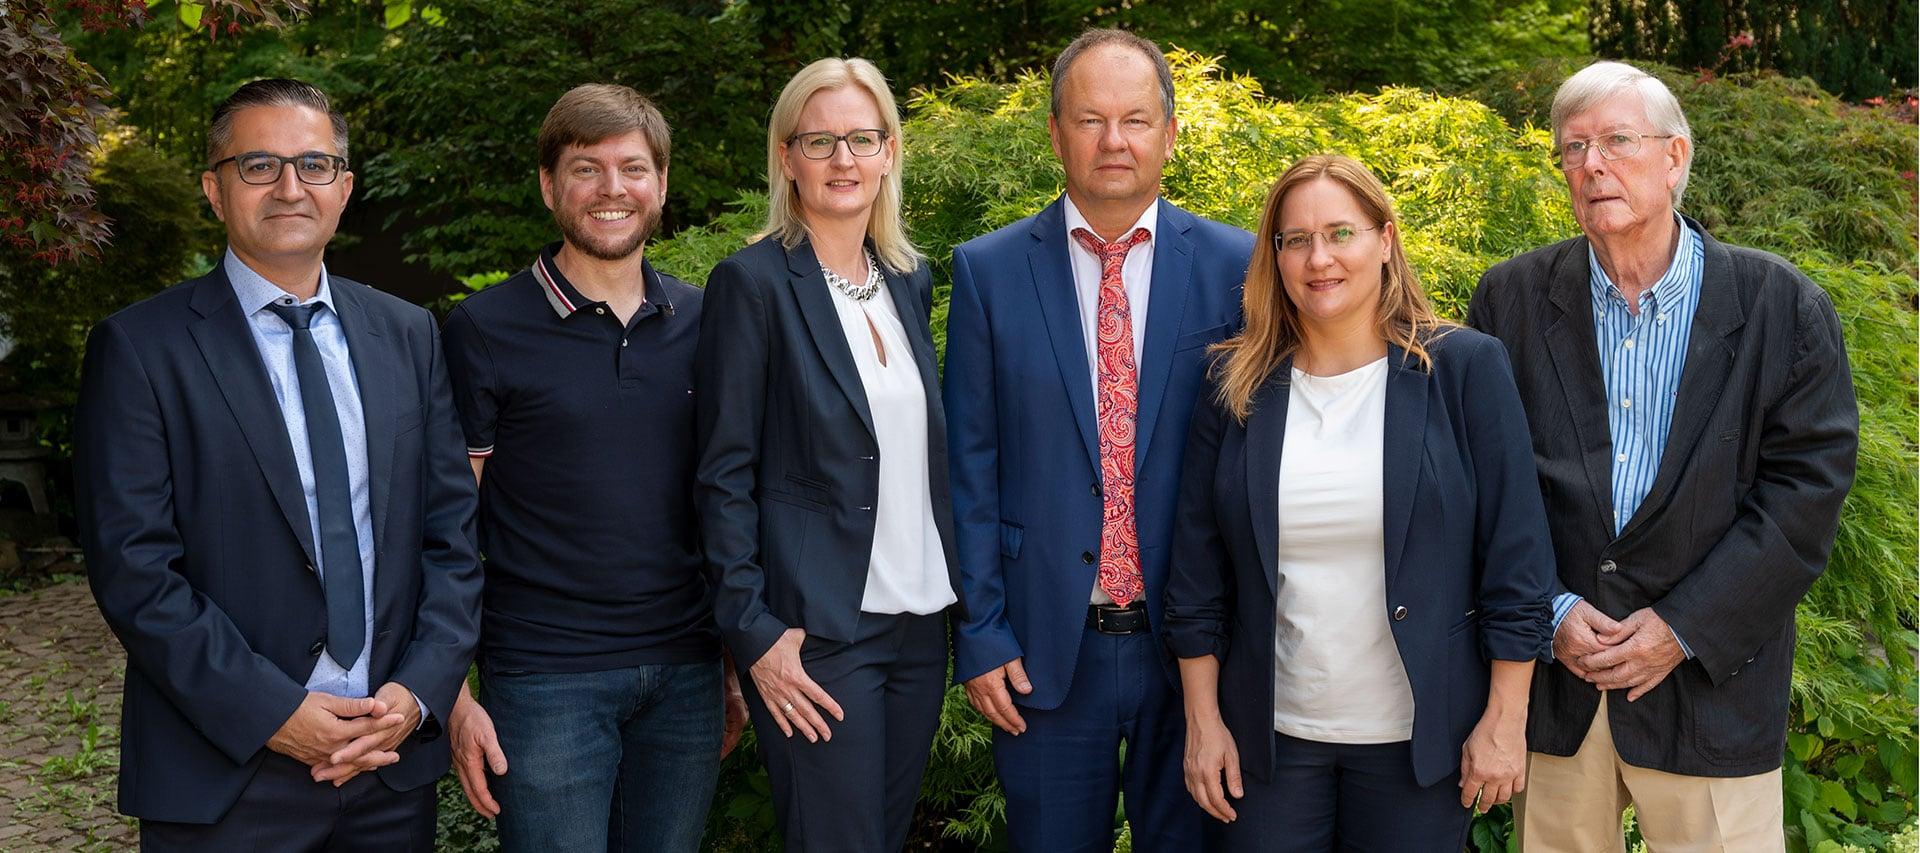 Gruppenbild der Anwälte und Steuerberater der Kanzlei Dr. Wachter, Tisch, Judt & Partner aus Heilbronn